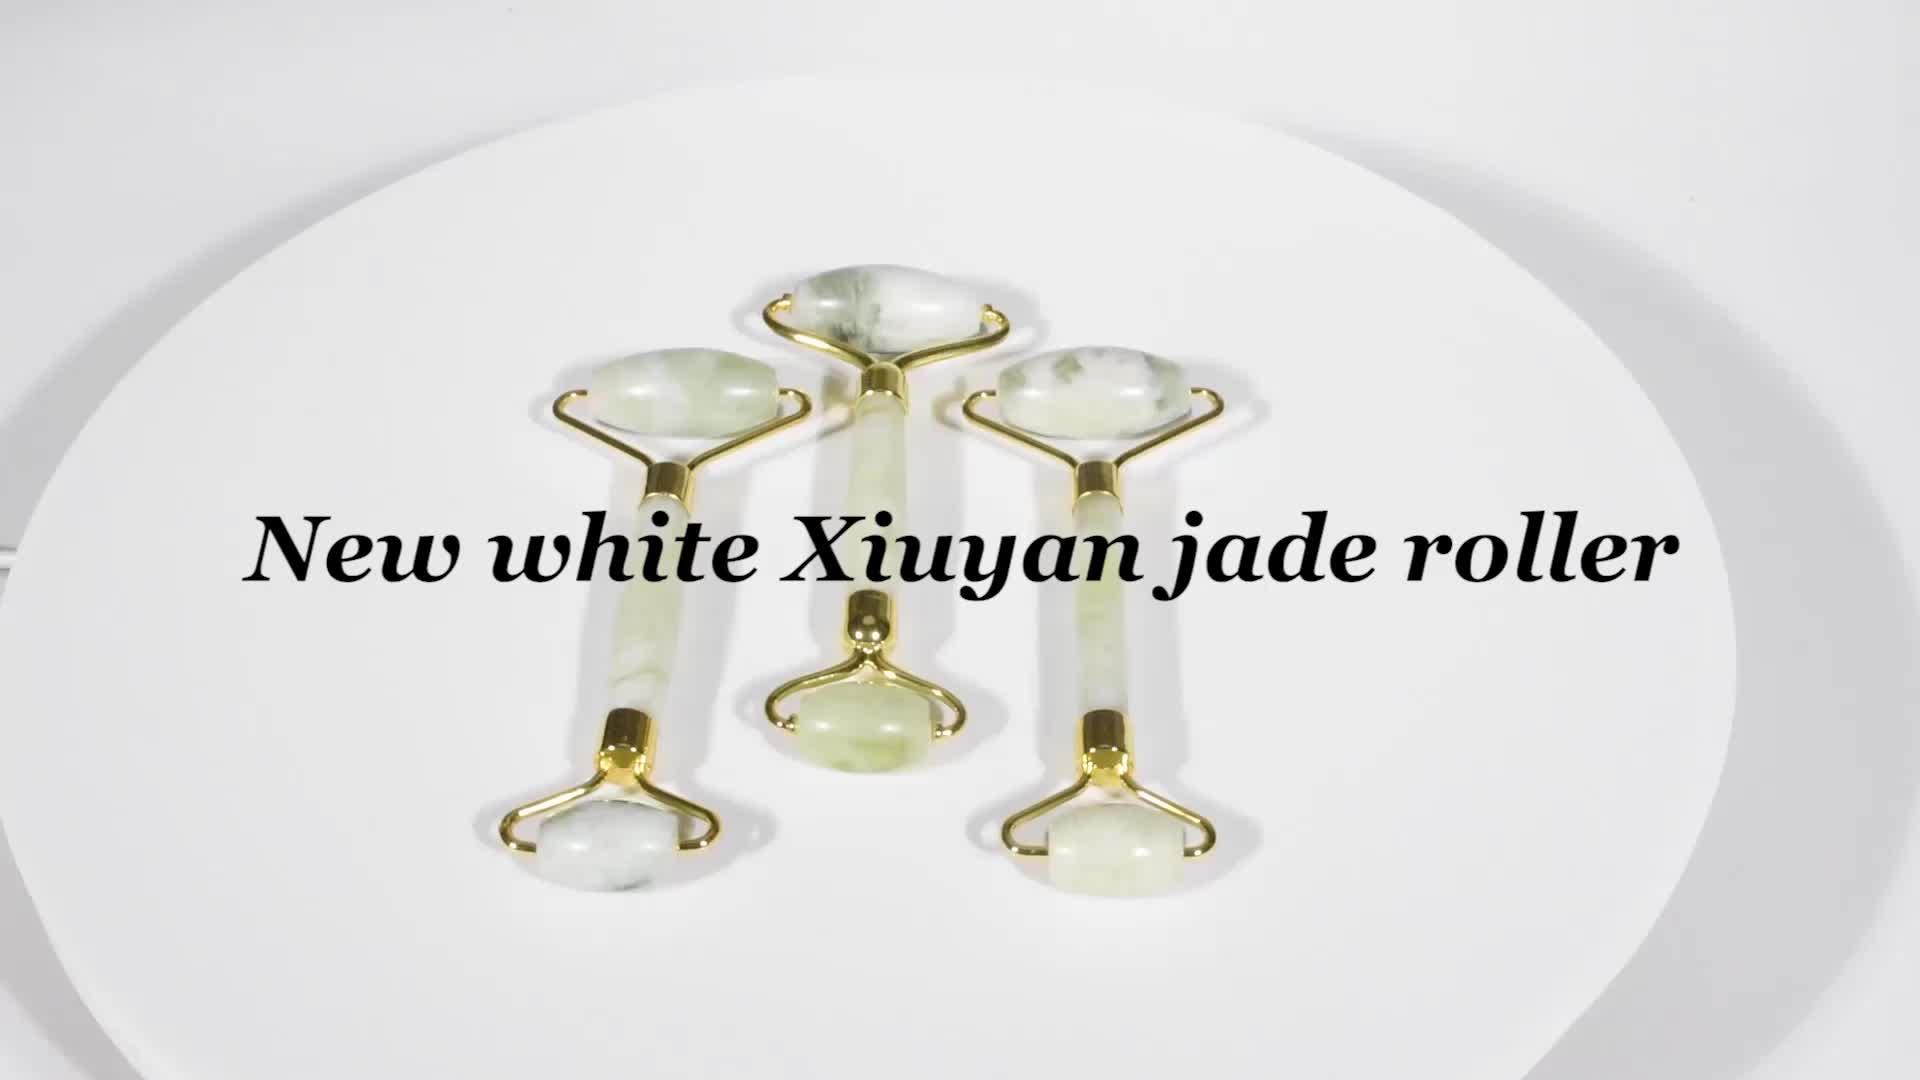 Großhandel natürlichen reinen anti-aging jade roller und guasha set für gesicht schlank und falten